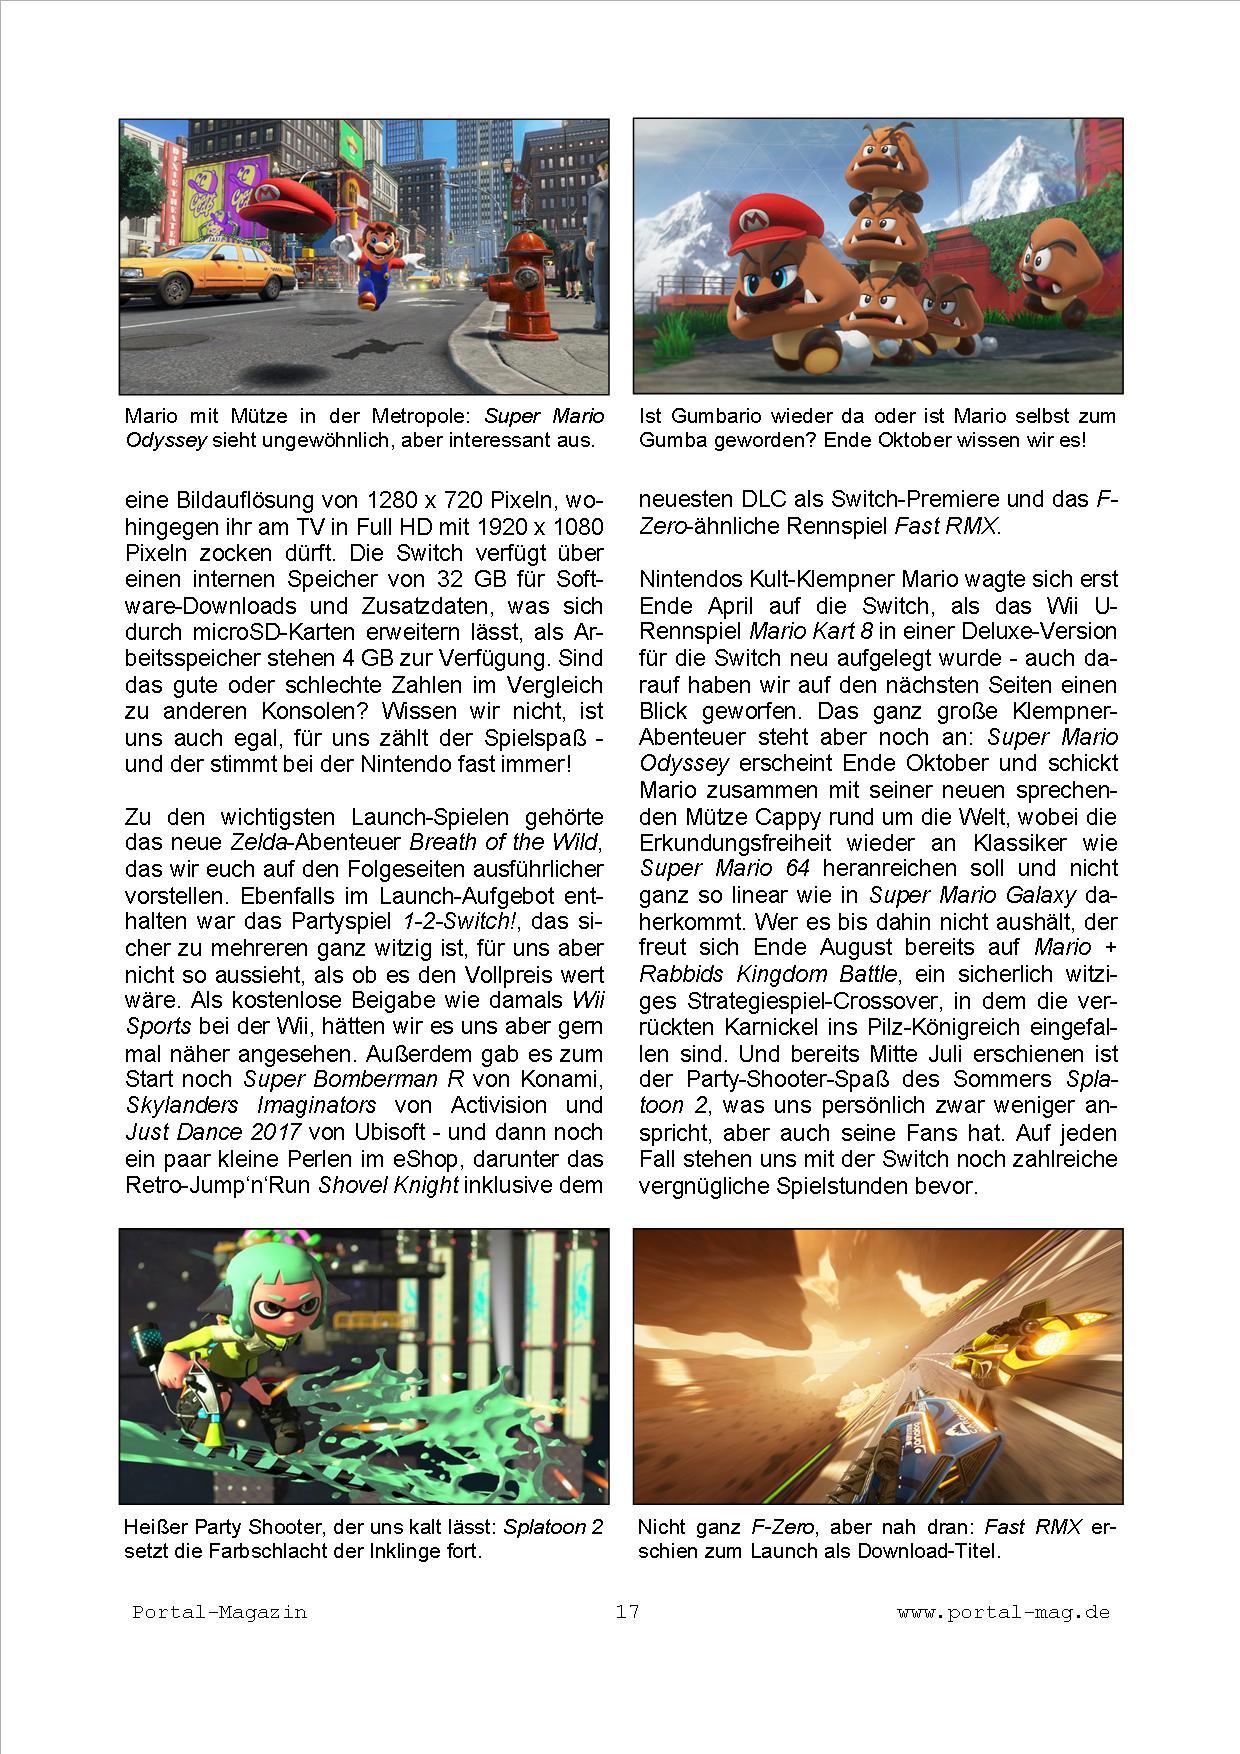 Ausgabe 37, Seite 17